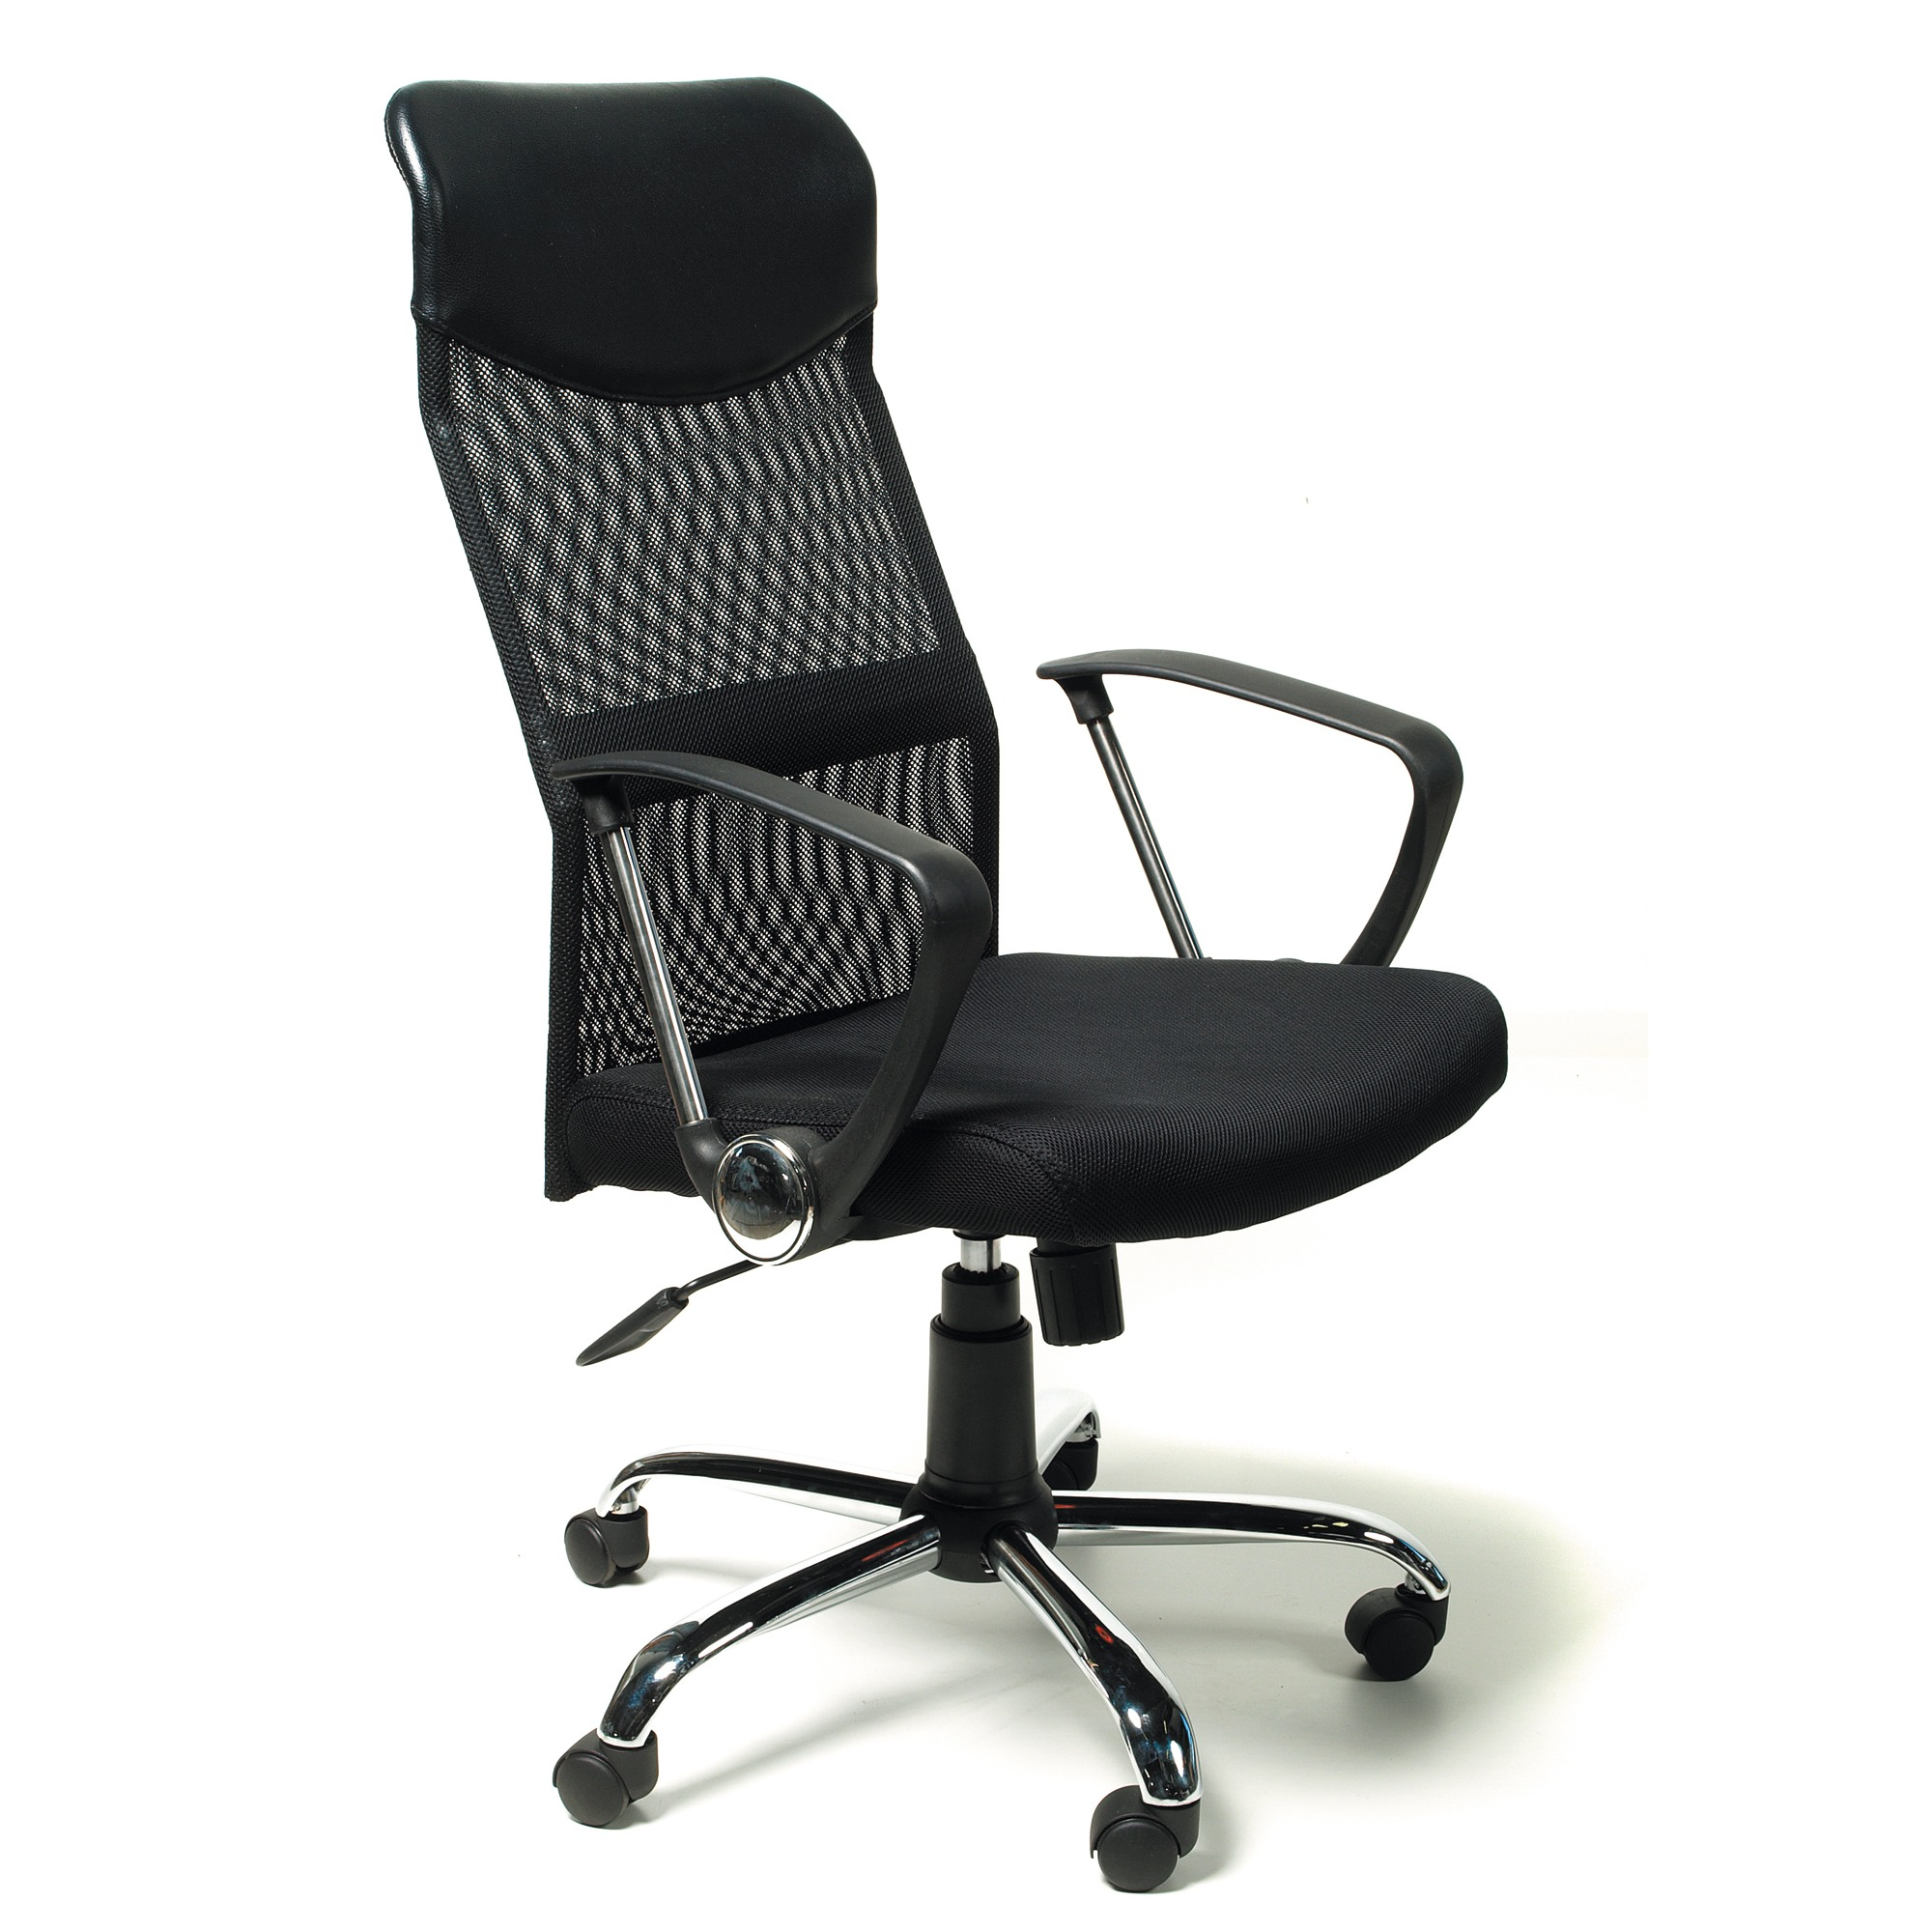 Achat fauteuil bureau le monde de l a for Achat fauteuil